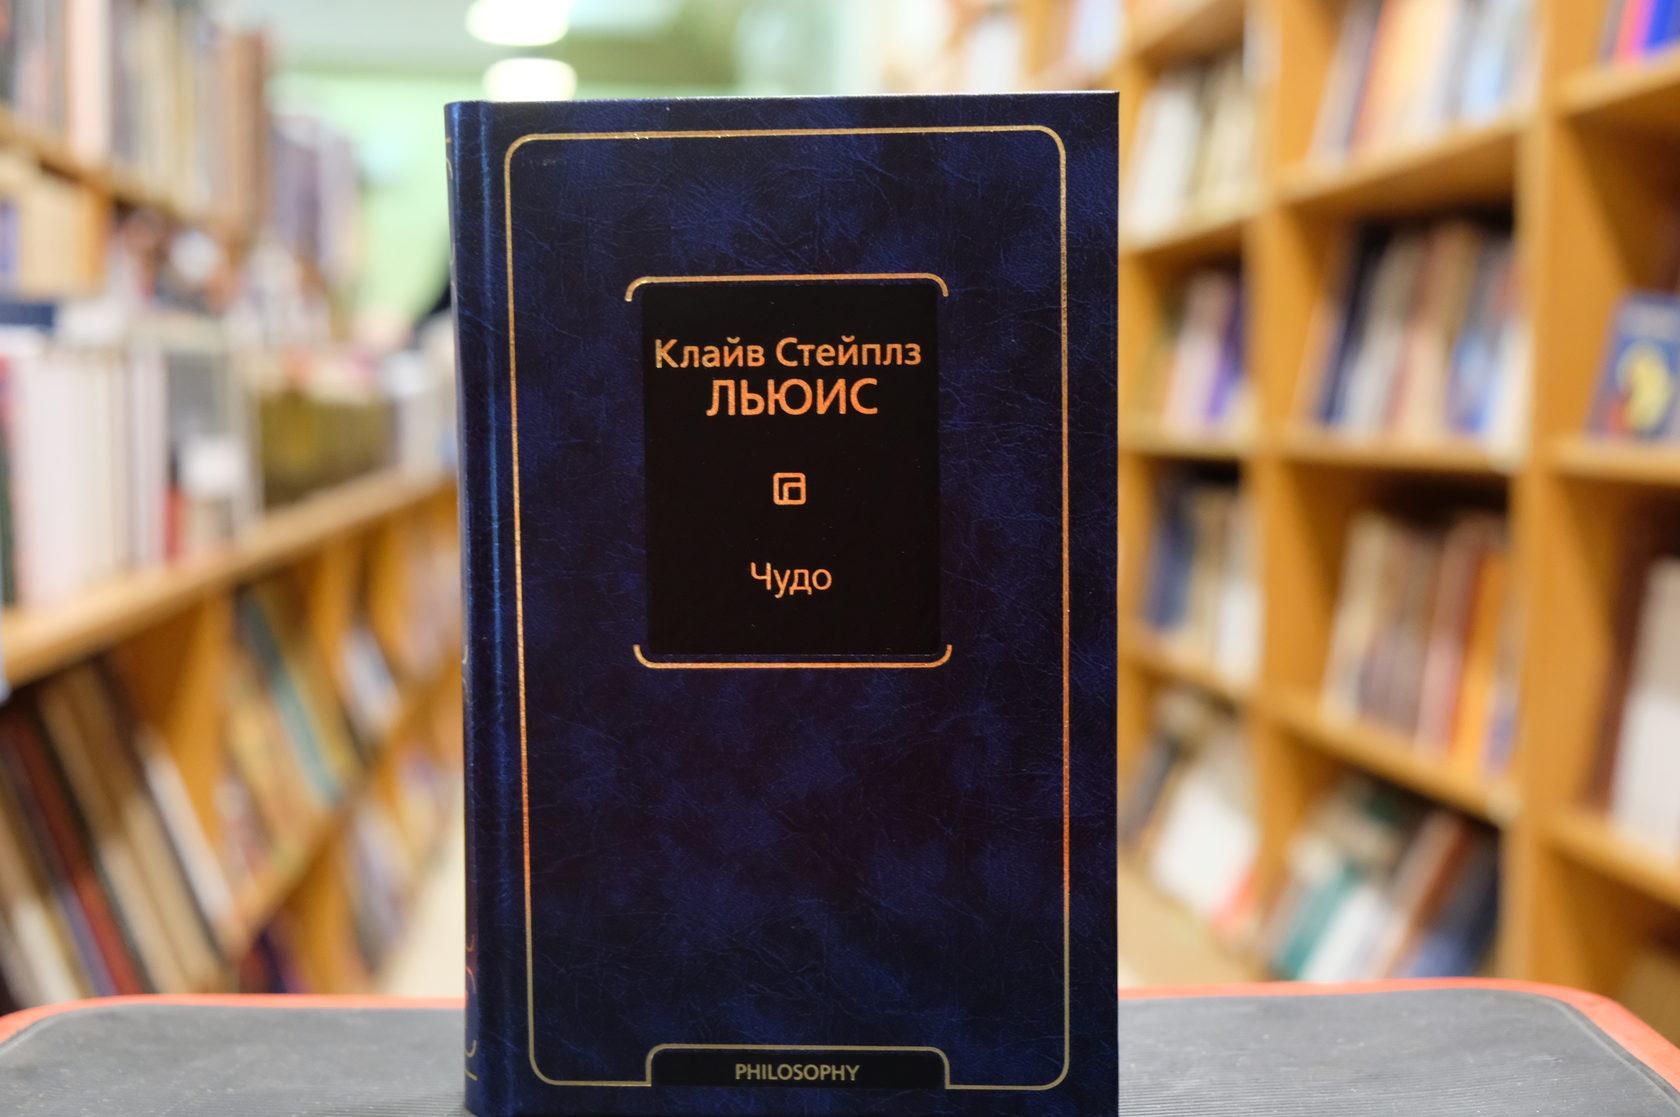 Купить книгу Клайв Стейплз Льюис «Чудо» 978-5-17-114397-8